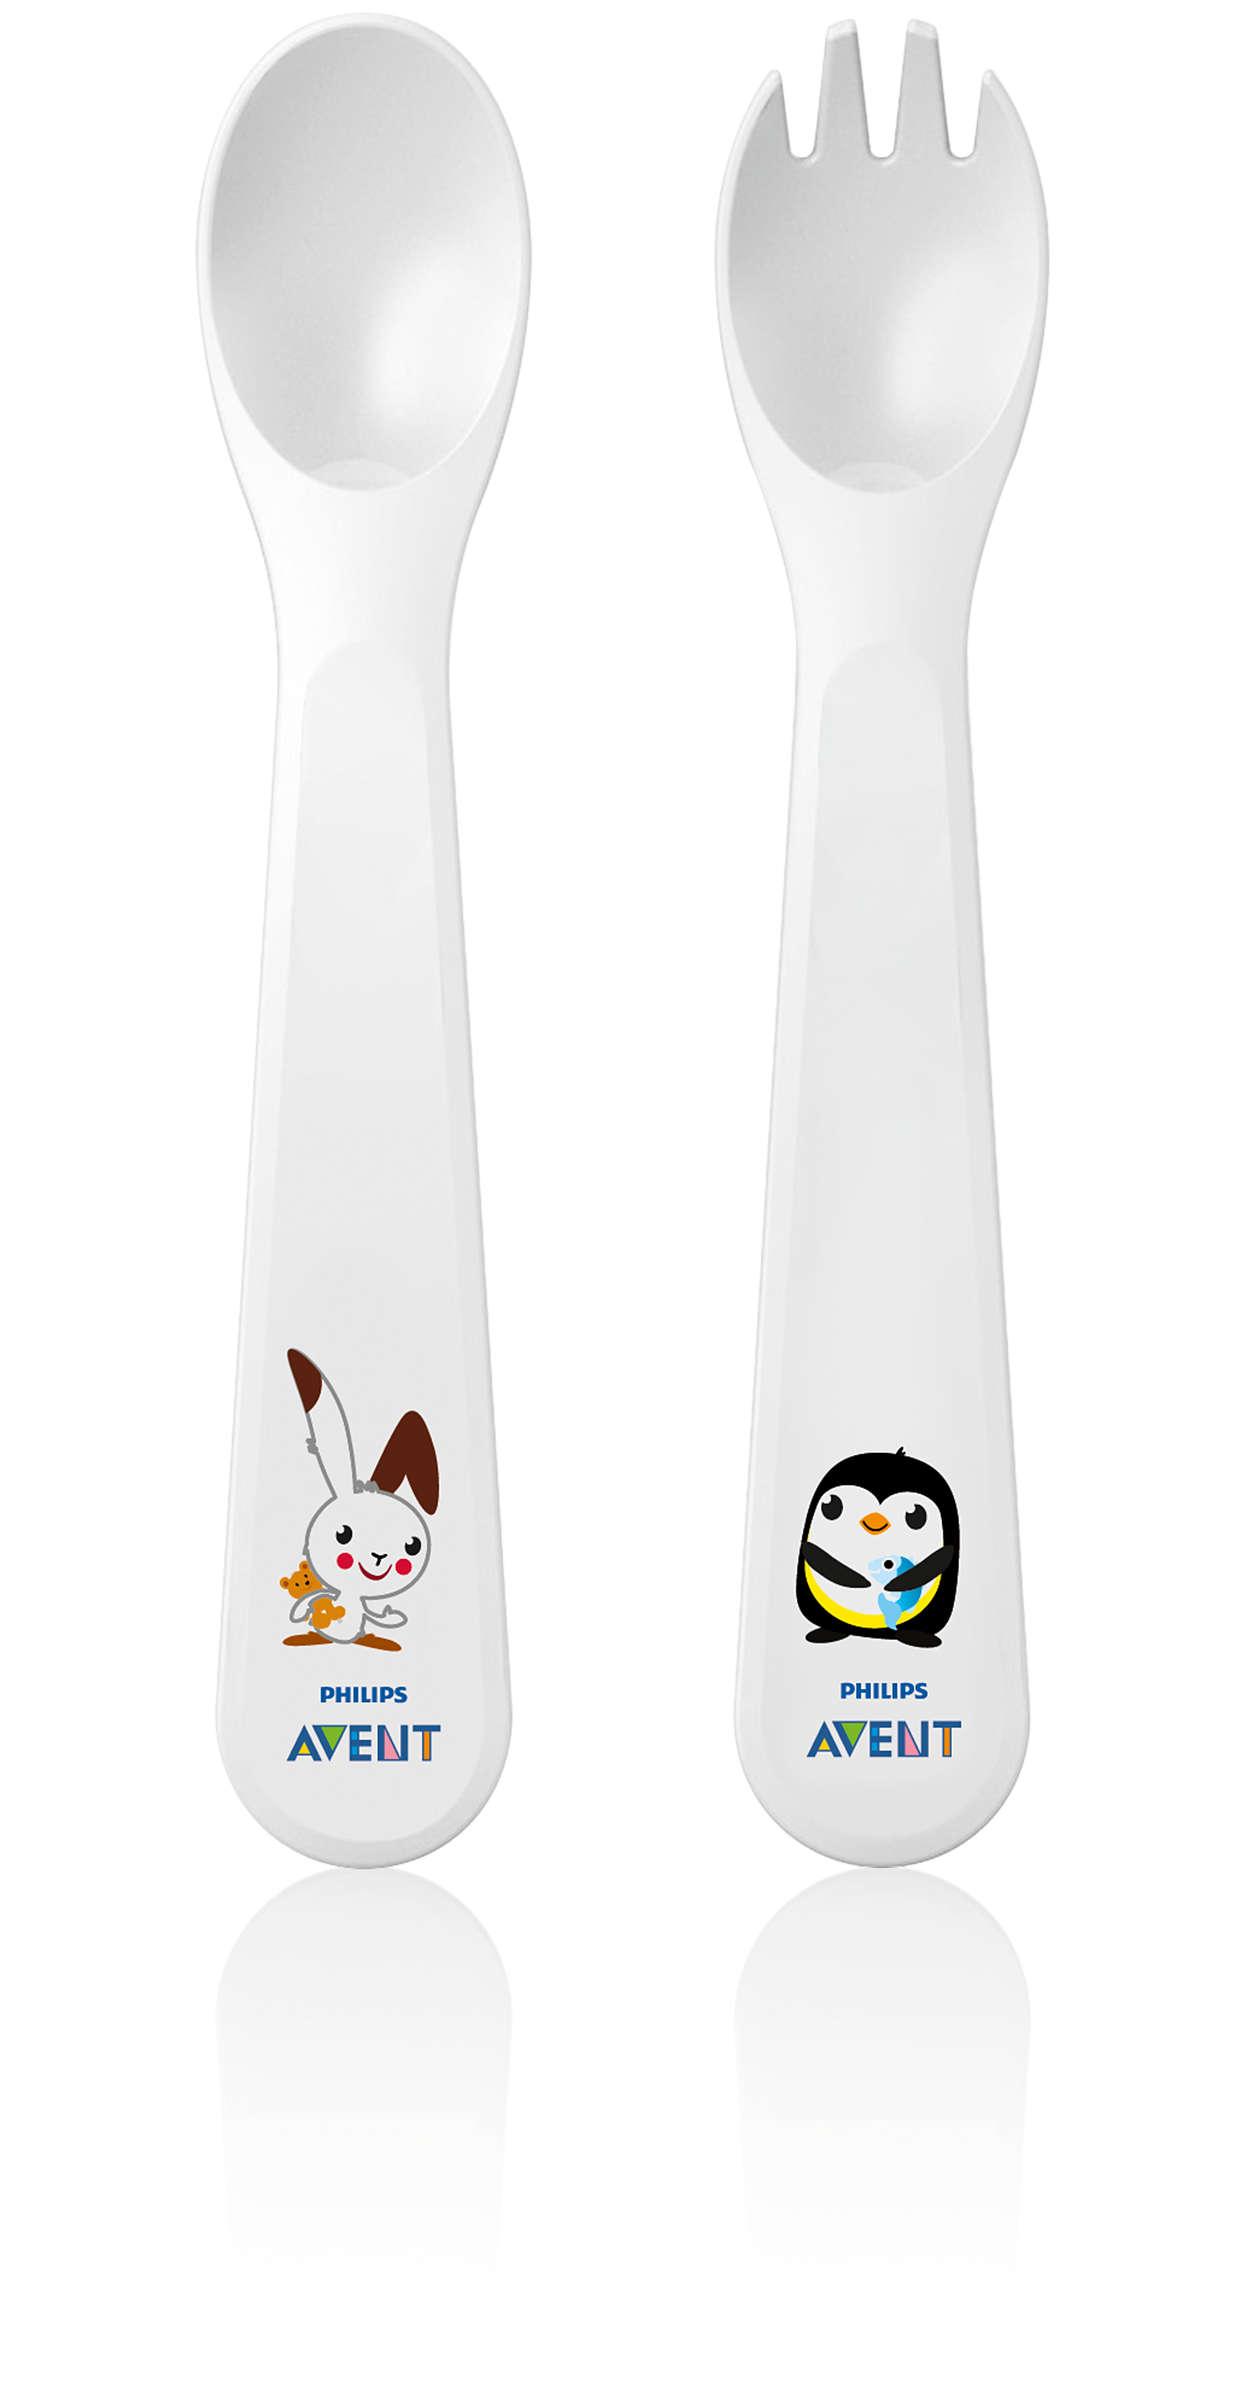 Prvá lyžica a vidlička vášho dieťaťa